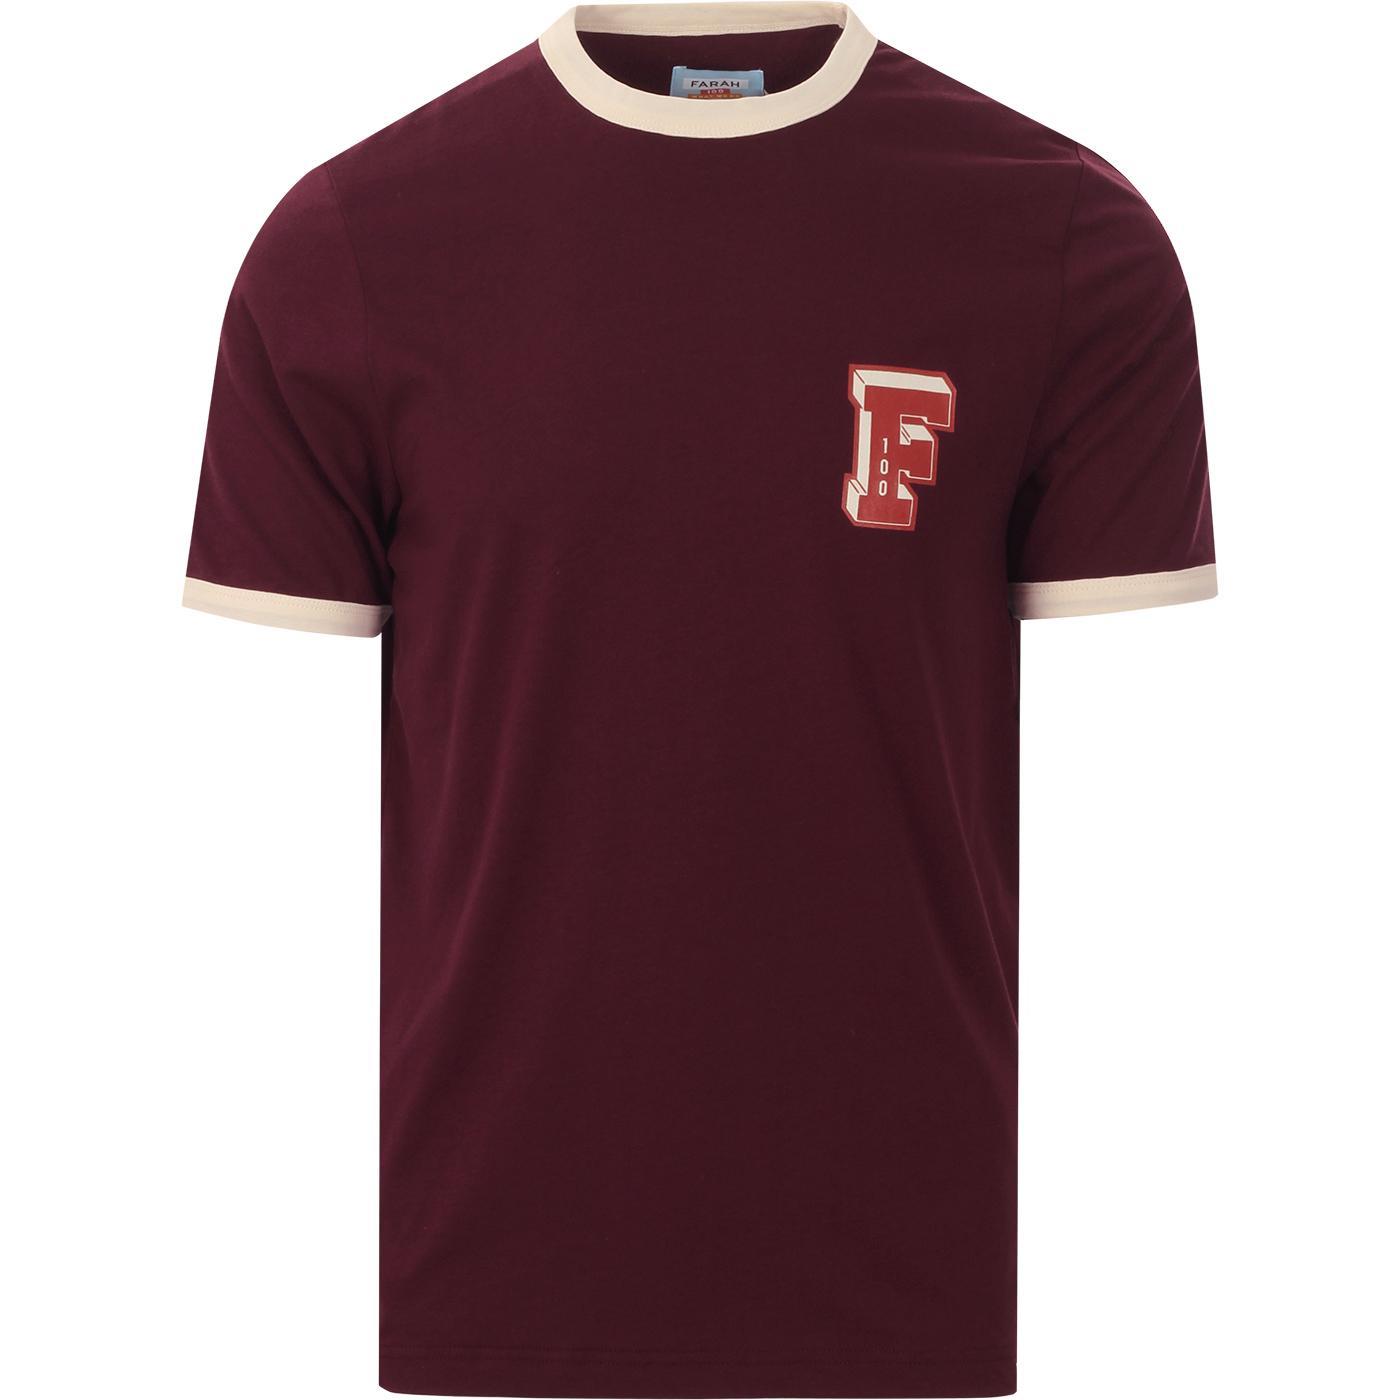 Bliss FARAH Crew Neck Ringer T-Shirt In Raspberry